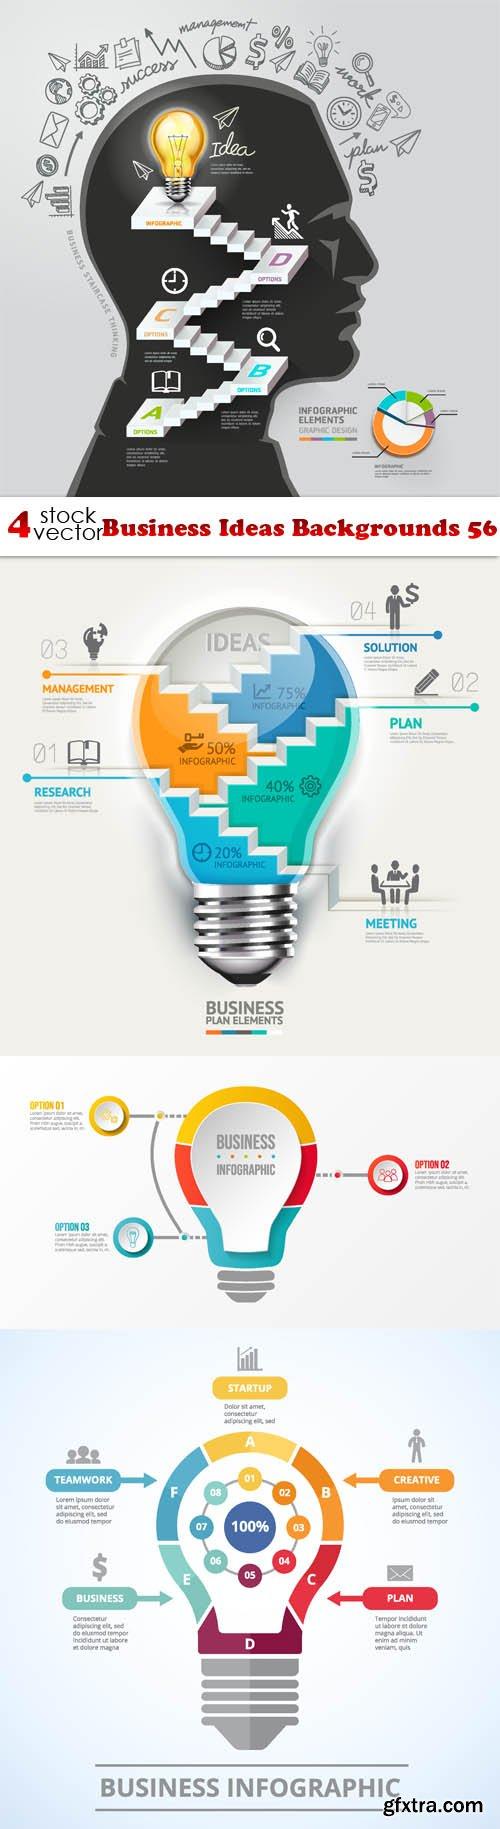 Vectors - Business Ideas Backgrounds 56